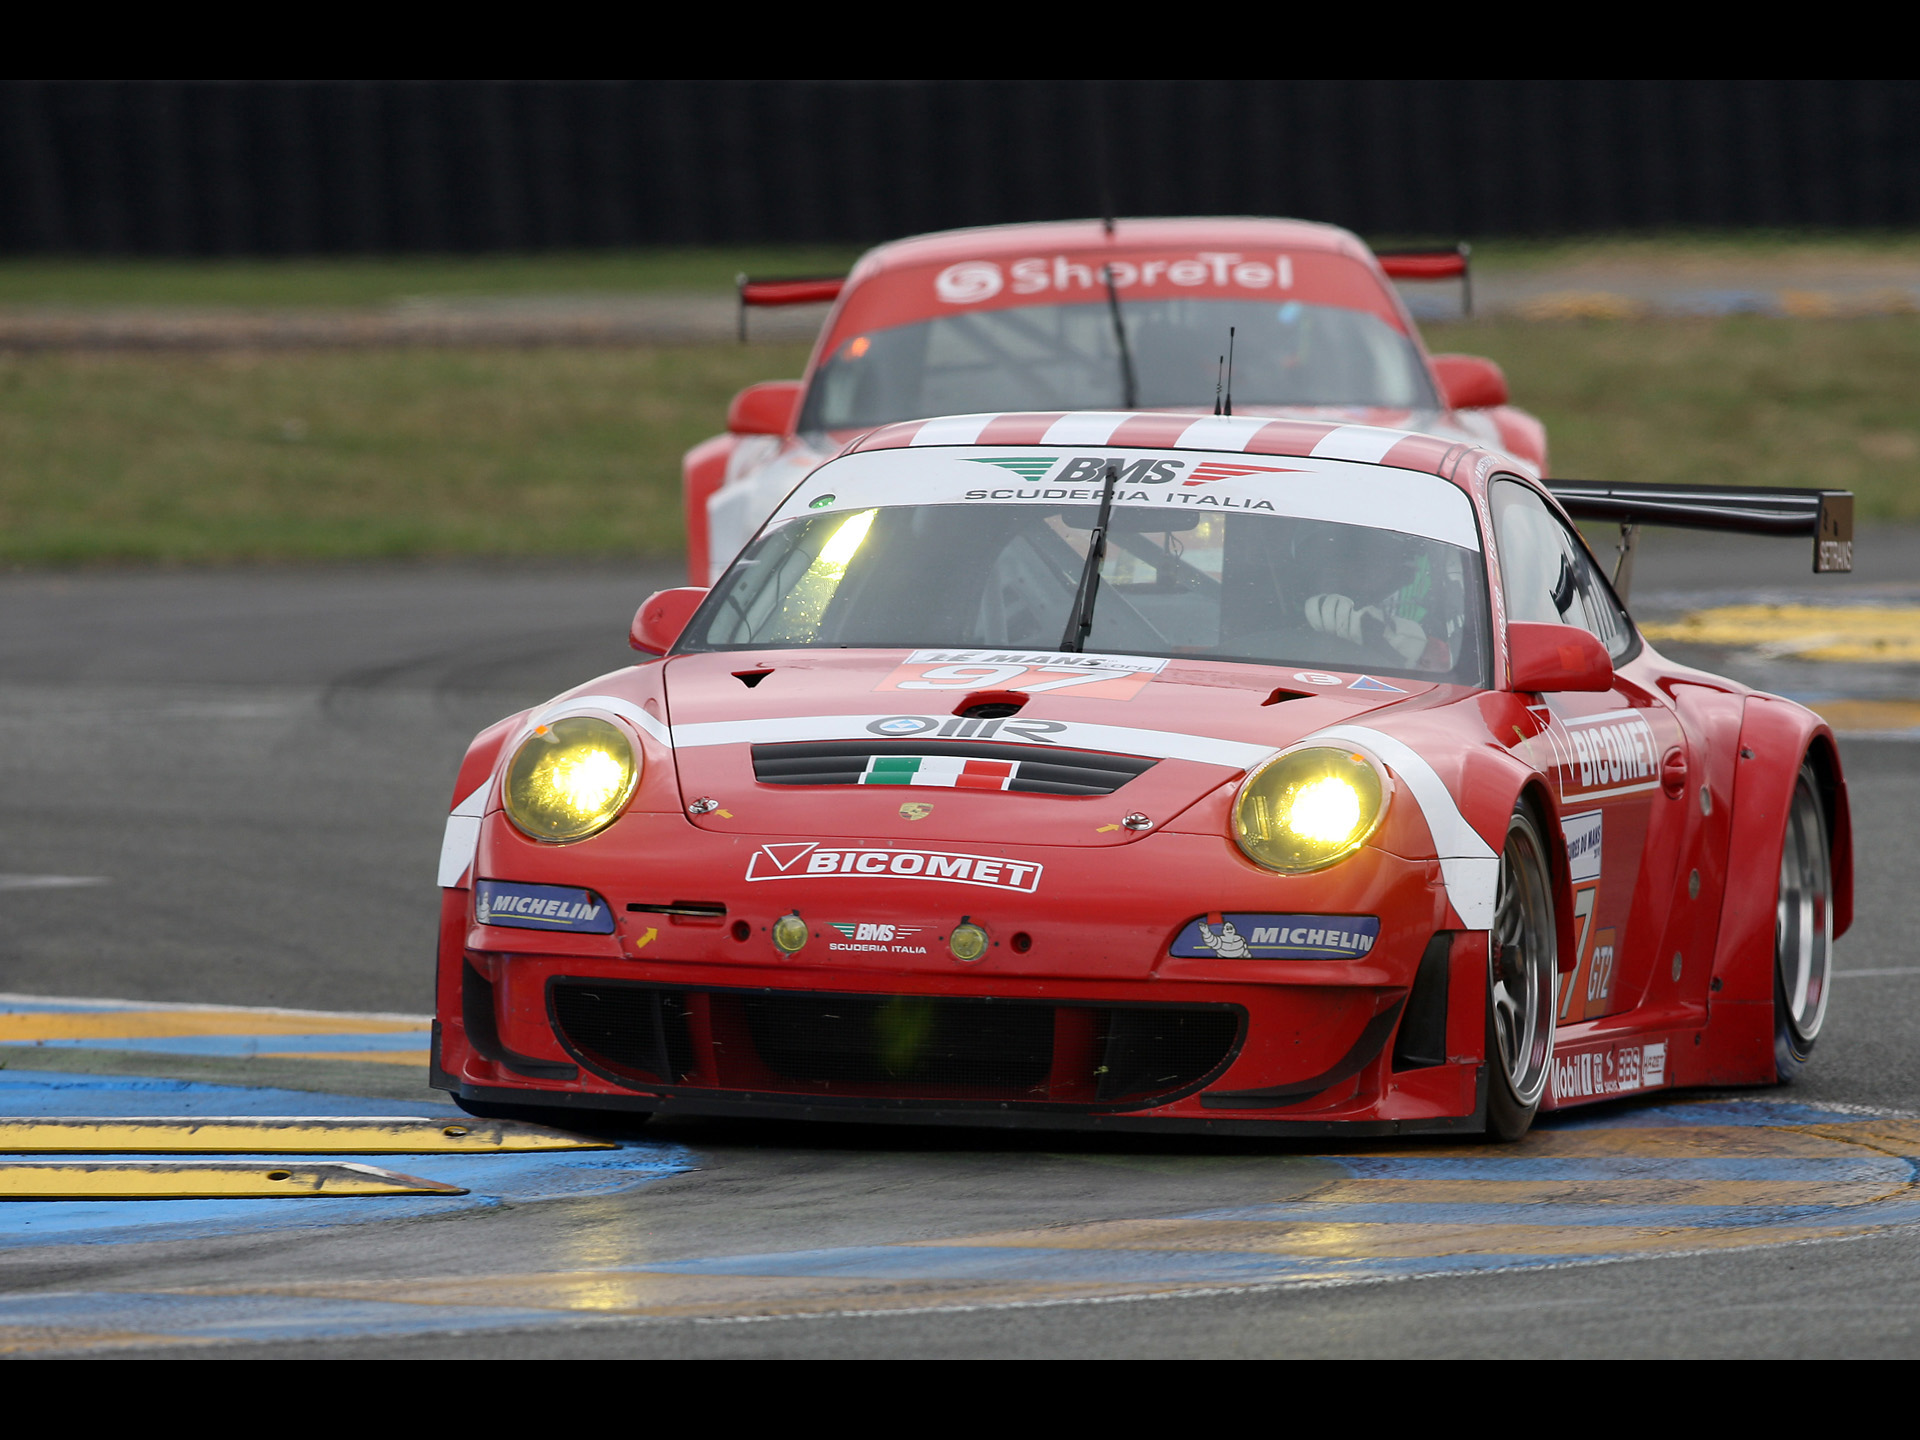 2010-Porsche-911-GT3-RSR-Racing-BMS-Scuderia-Italia-Spa-2-1920x1440